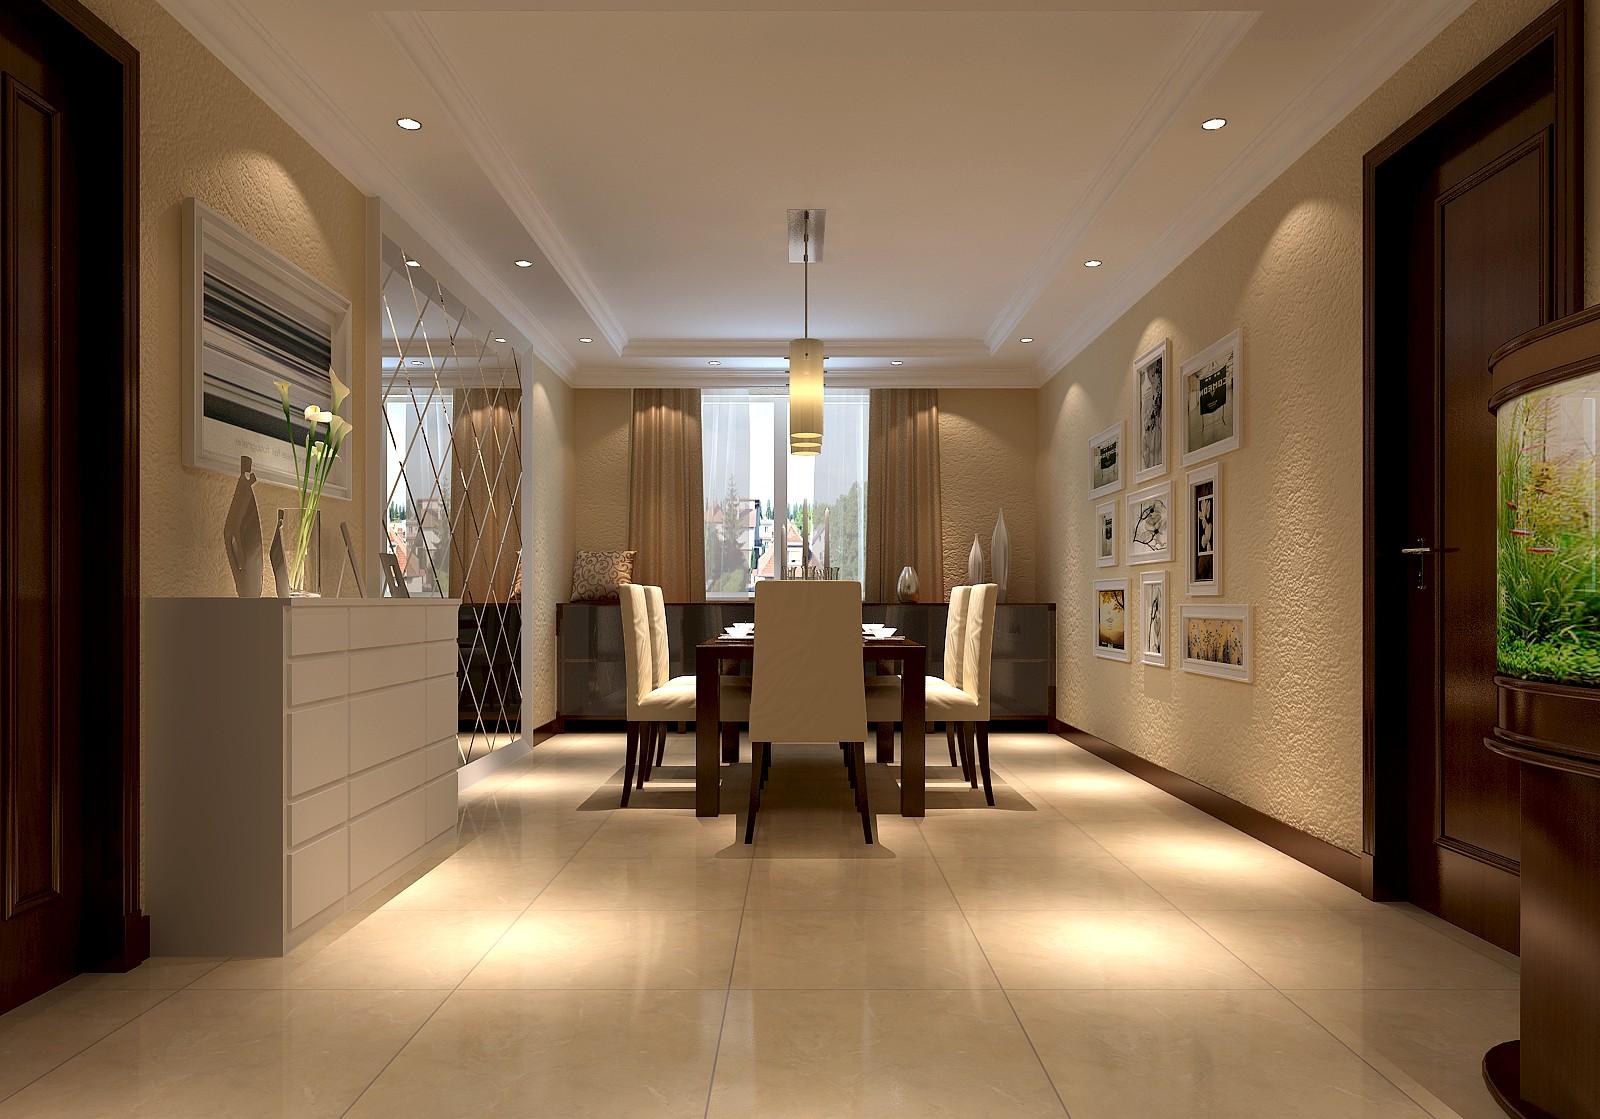 美式 三居 装修 高富帅 旧房改造 收纳 80后 小资 餐厅图片来自重庆高度国际装饰工程有限公司在百旺家园的分享